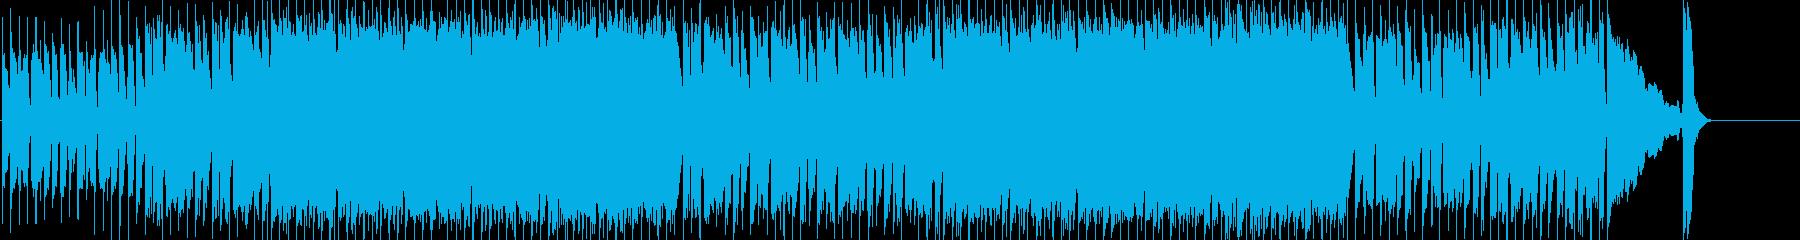 淡々 力強い 前進 科学 雑踏の再生済みの波形